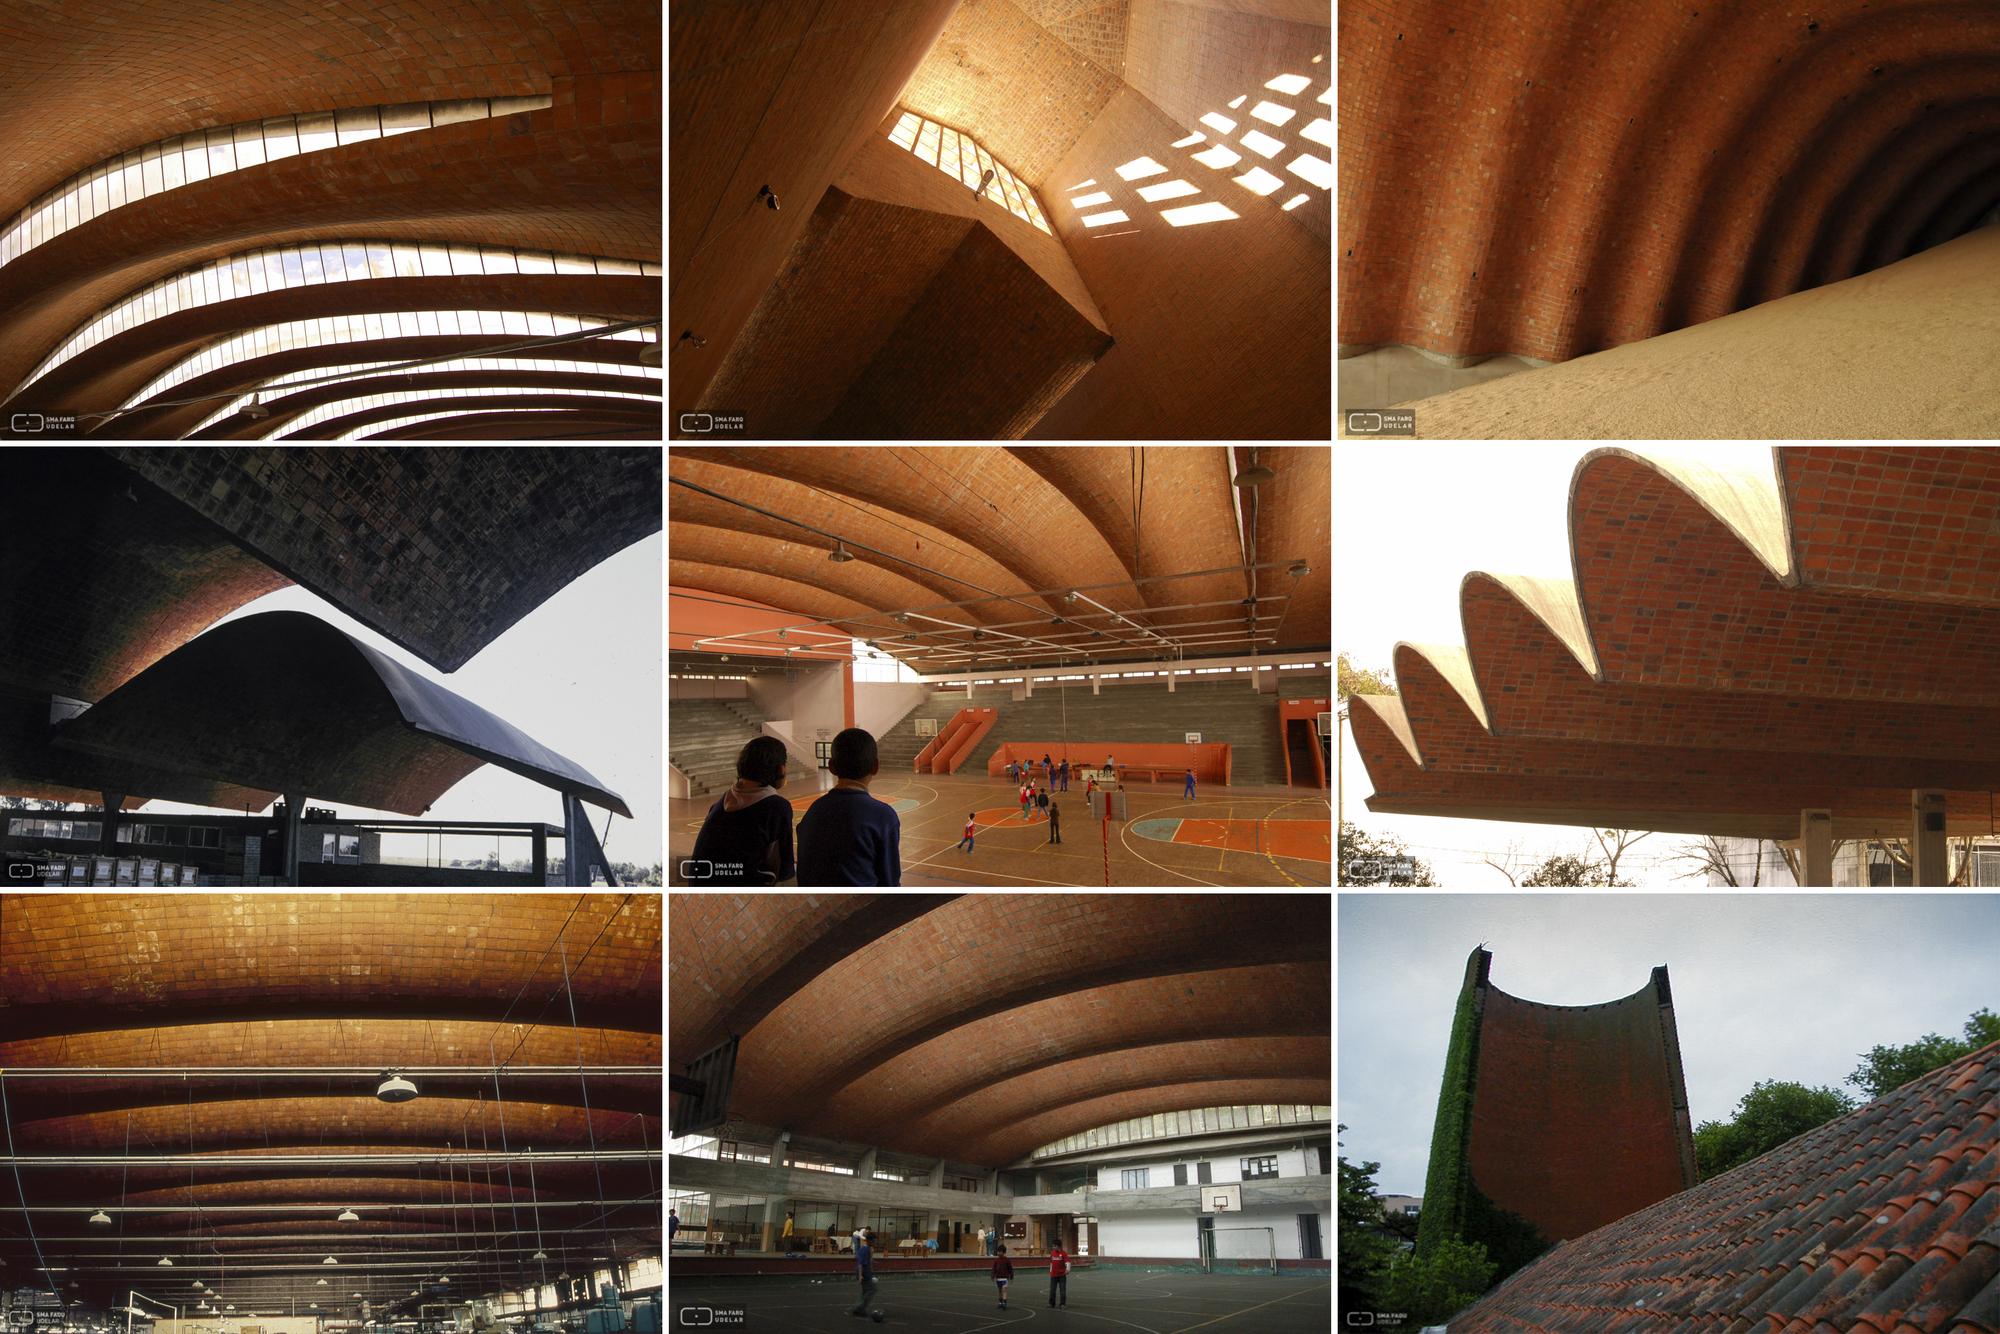 18 proyectos imprescindibles de eladio dieste en uruguay - Arquitectos famosos espanoles ...